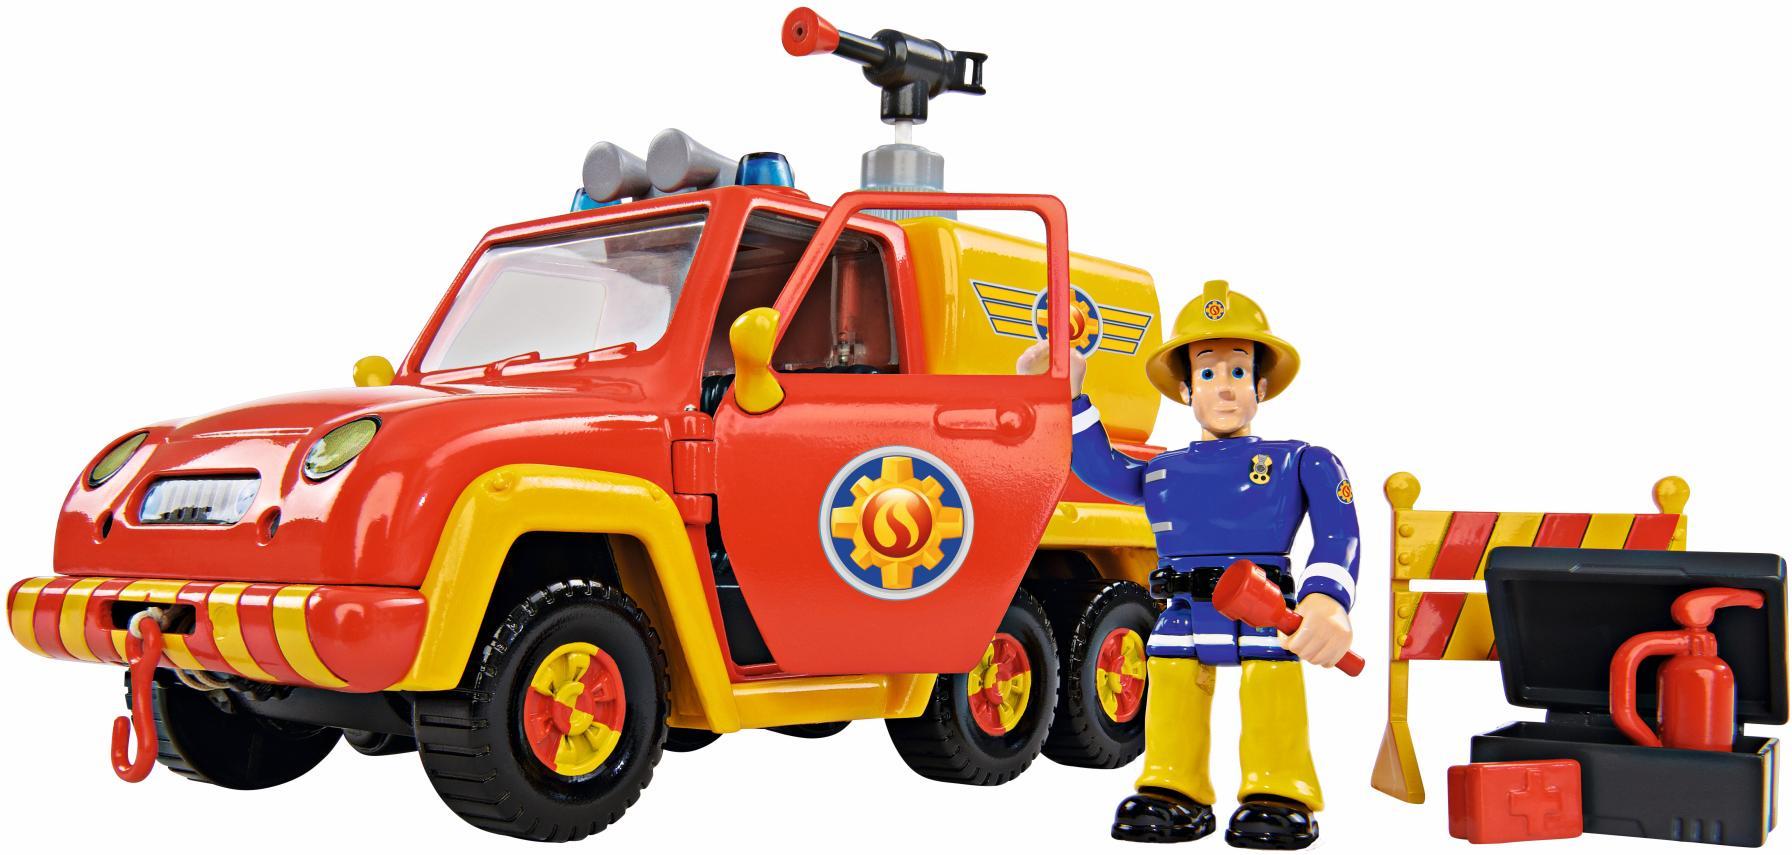 SIMBA Spielzeug-Feuerwehr Feuerwehrmann Sam, Feuerwehrauto Venus mit Figur (Set) bunt Kinder Ab 3-5 Jahren Altersempfehlung Spielzeugfahrzeuge